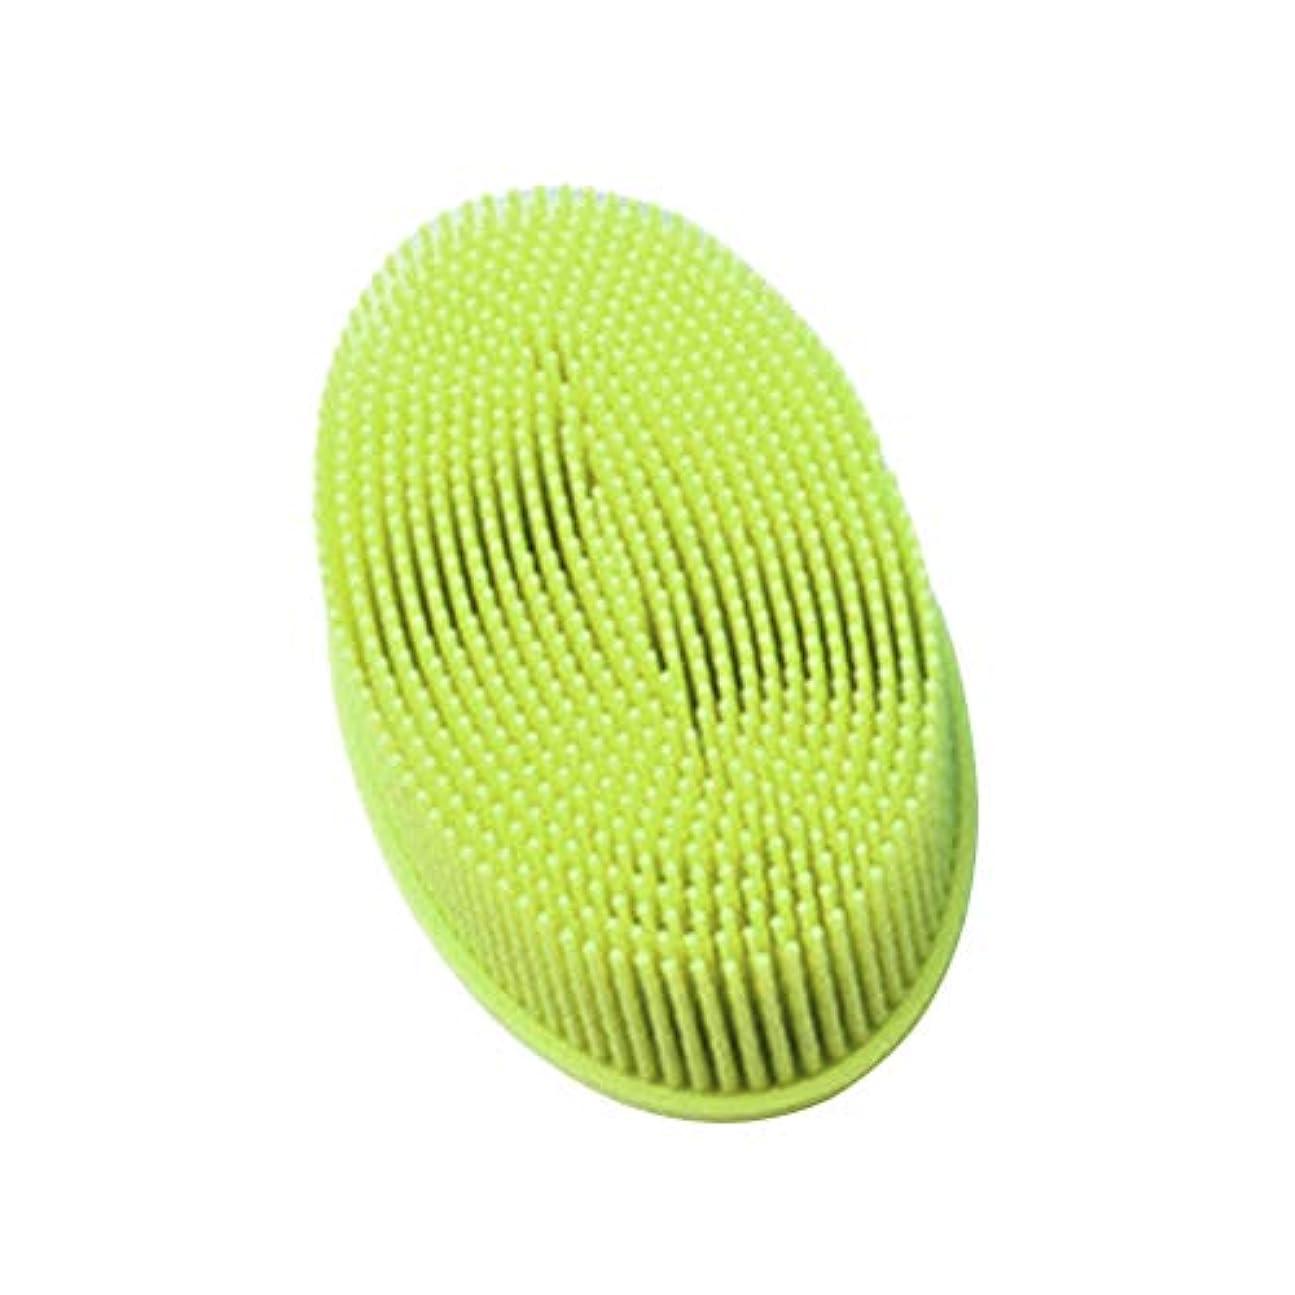 連合一族拒否TOPBATHY シリコンシャワーブラシ 頭皮 洗顔 ボディブラシ お風呂 柔らかい 体洗いブラシ 肌にやさしい 多機能 角質除去 疲れ解消(グリーン)